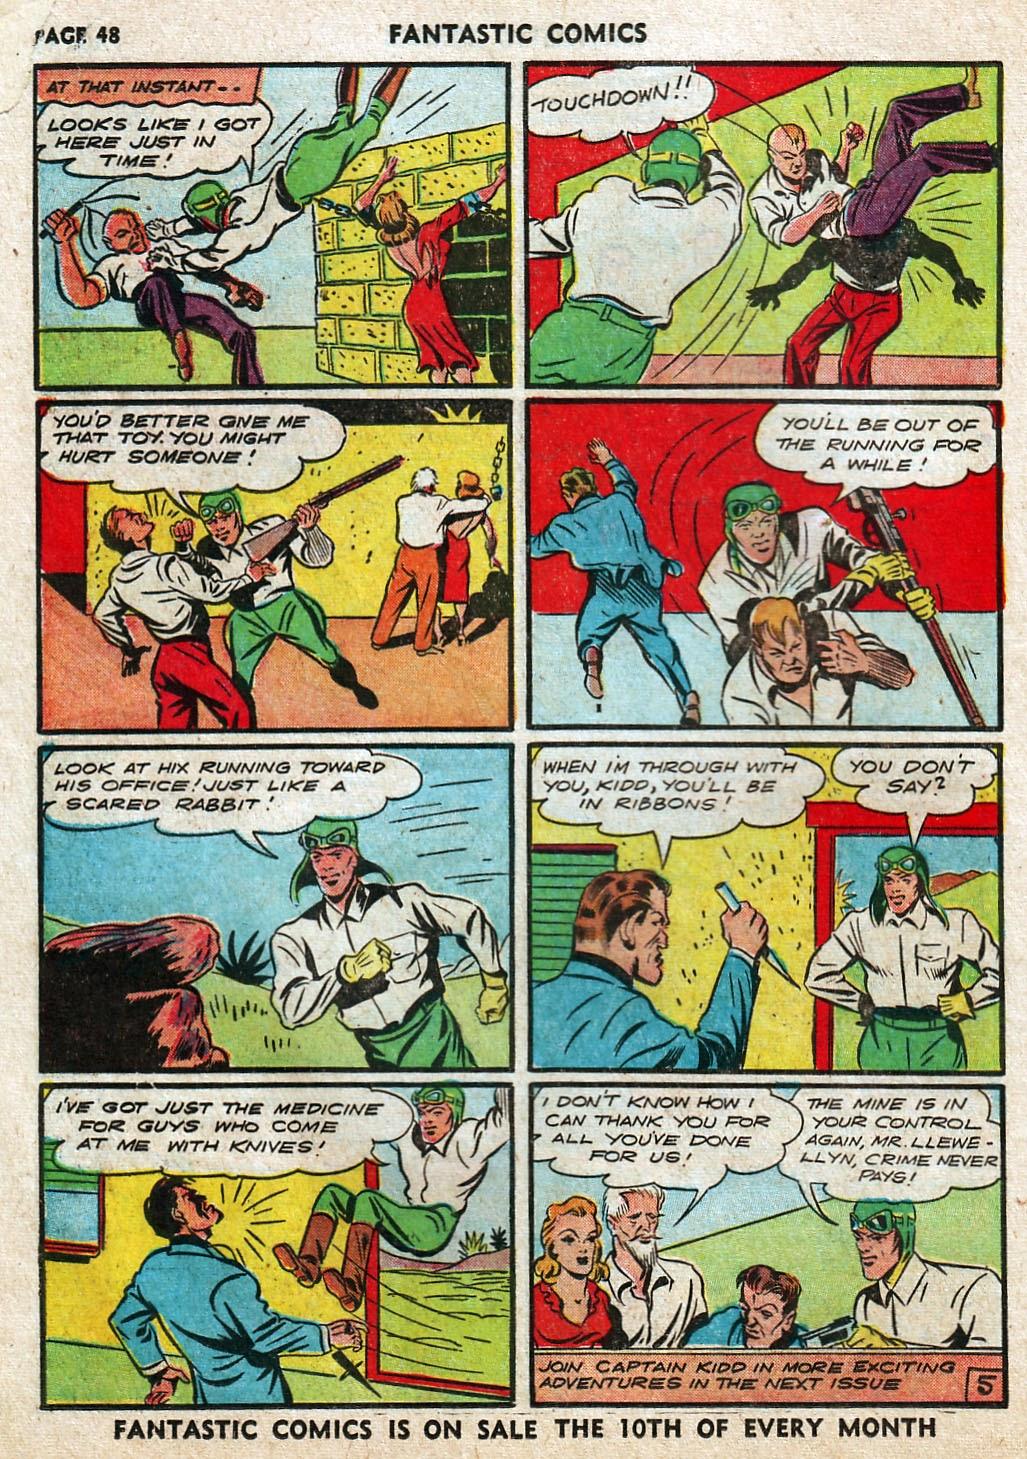 Read online Fantastic Comics comic -  Issue #17 - 49